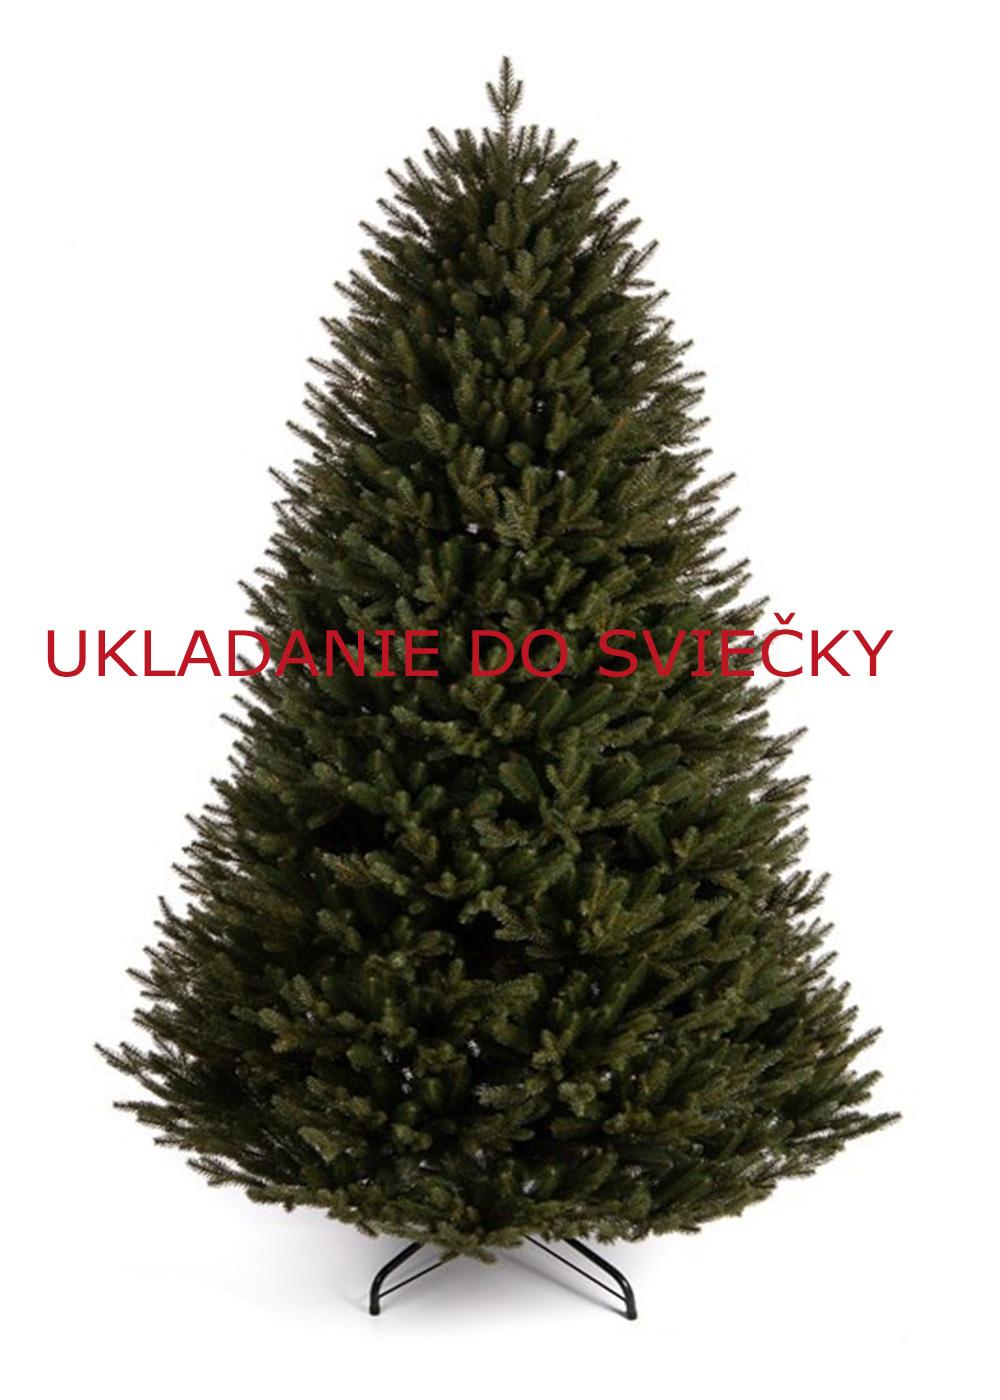 Ako aranžovat vianočny stromcek do sviecky